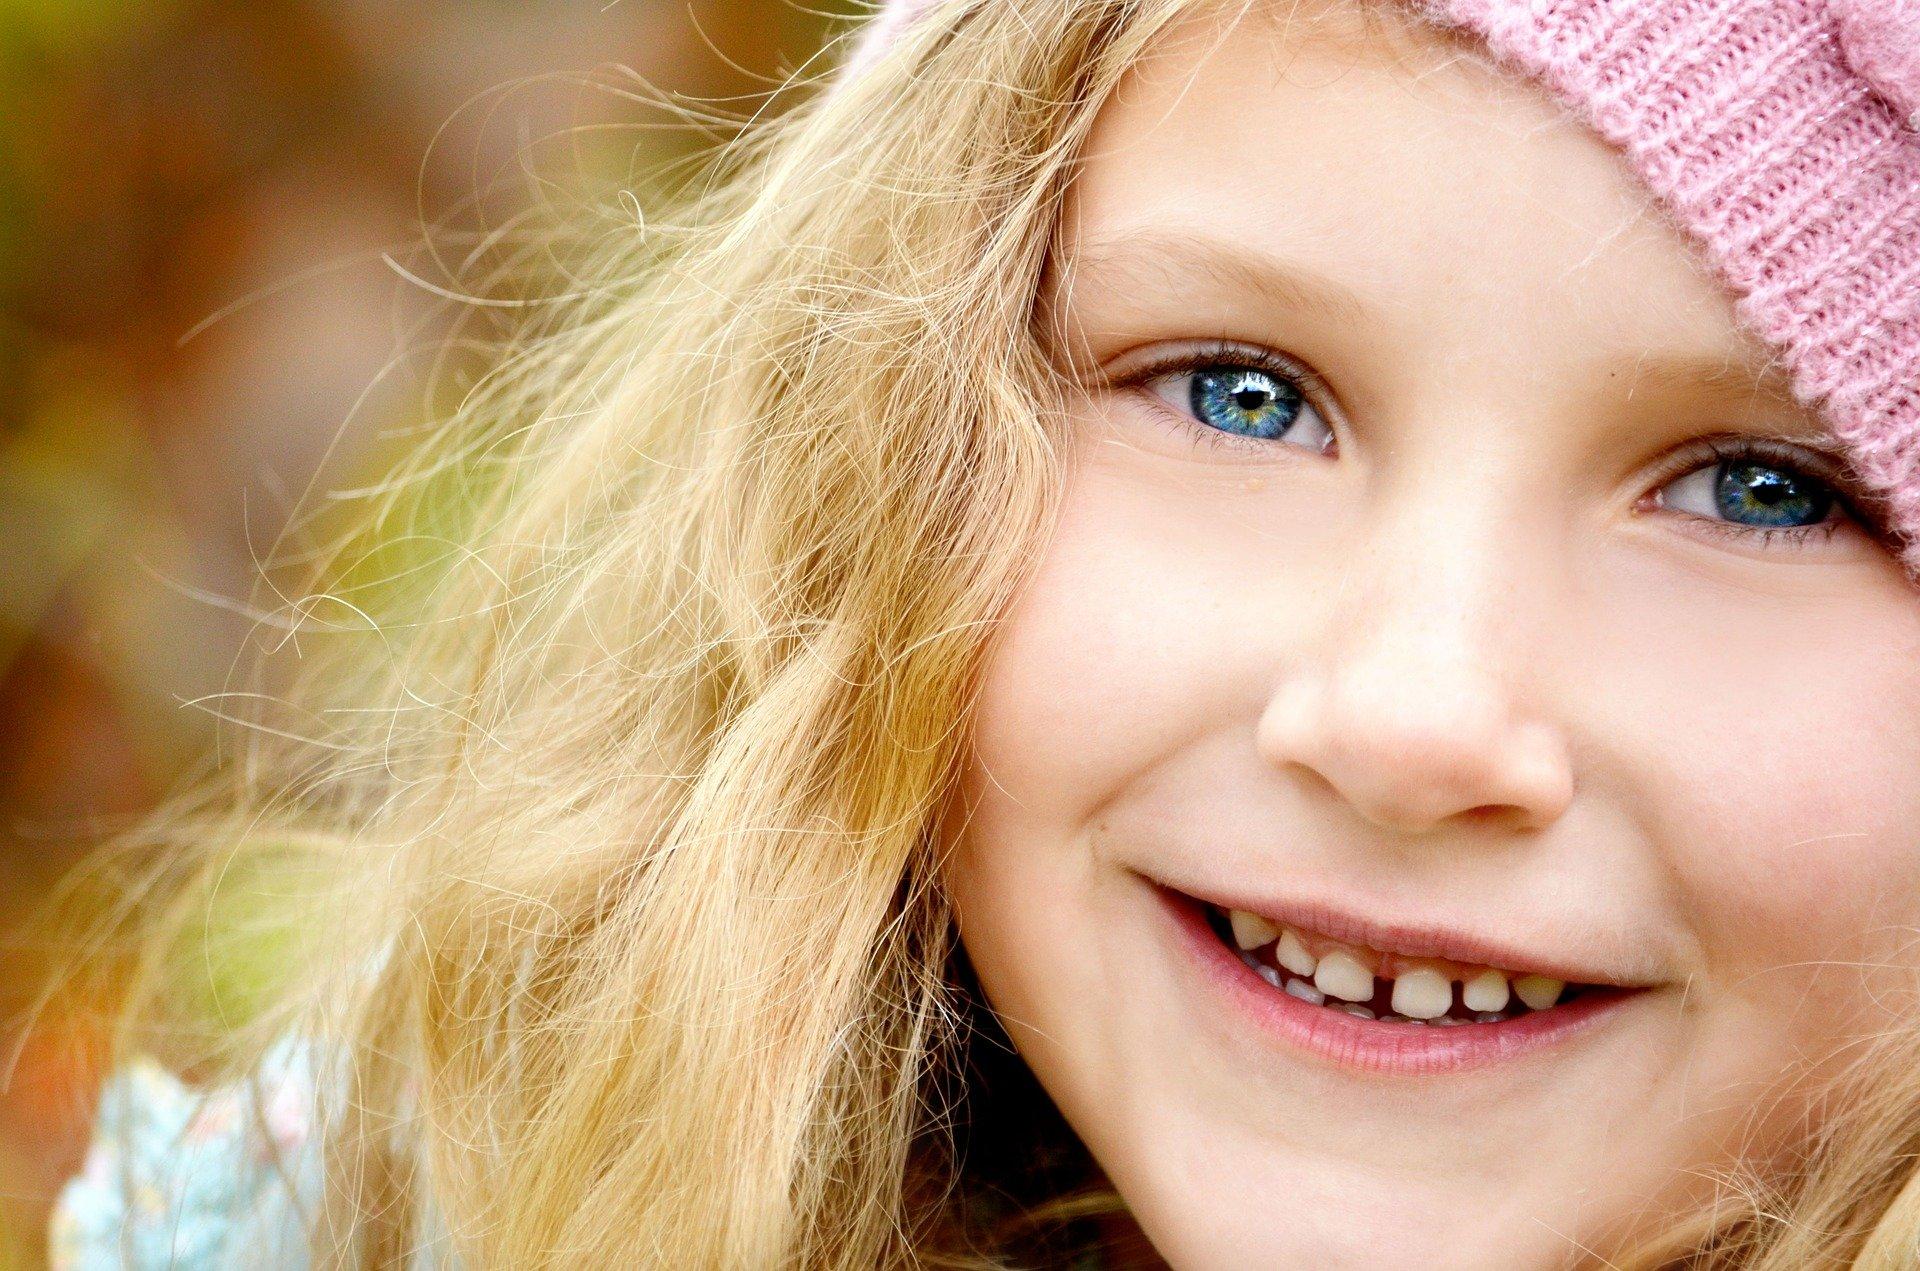 פסיכולוגיה חיובית, אושר , יעוץ הורים, מתבגרים , הנחיית הורים